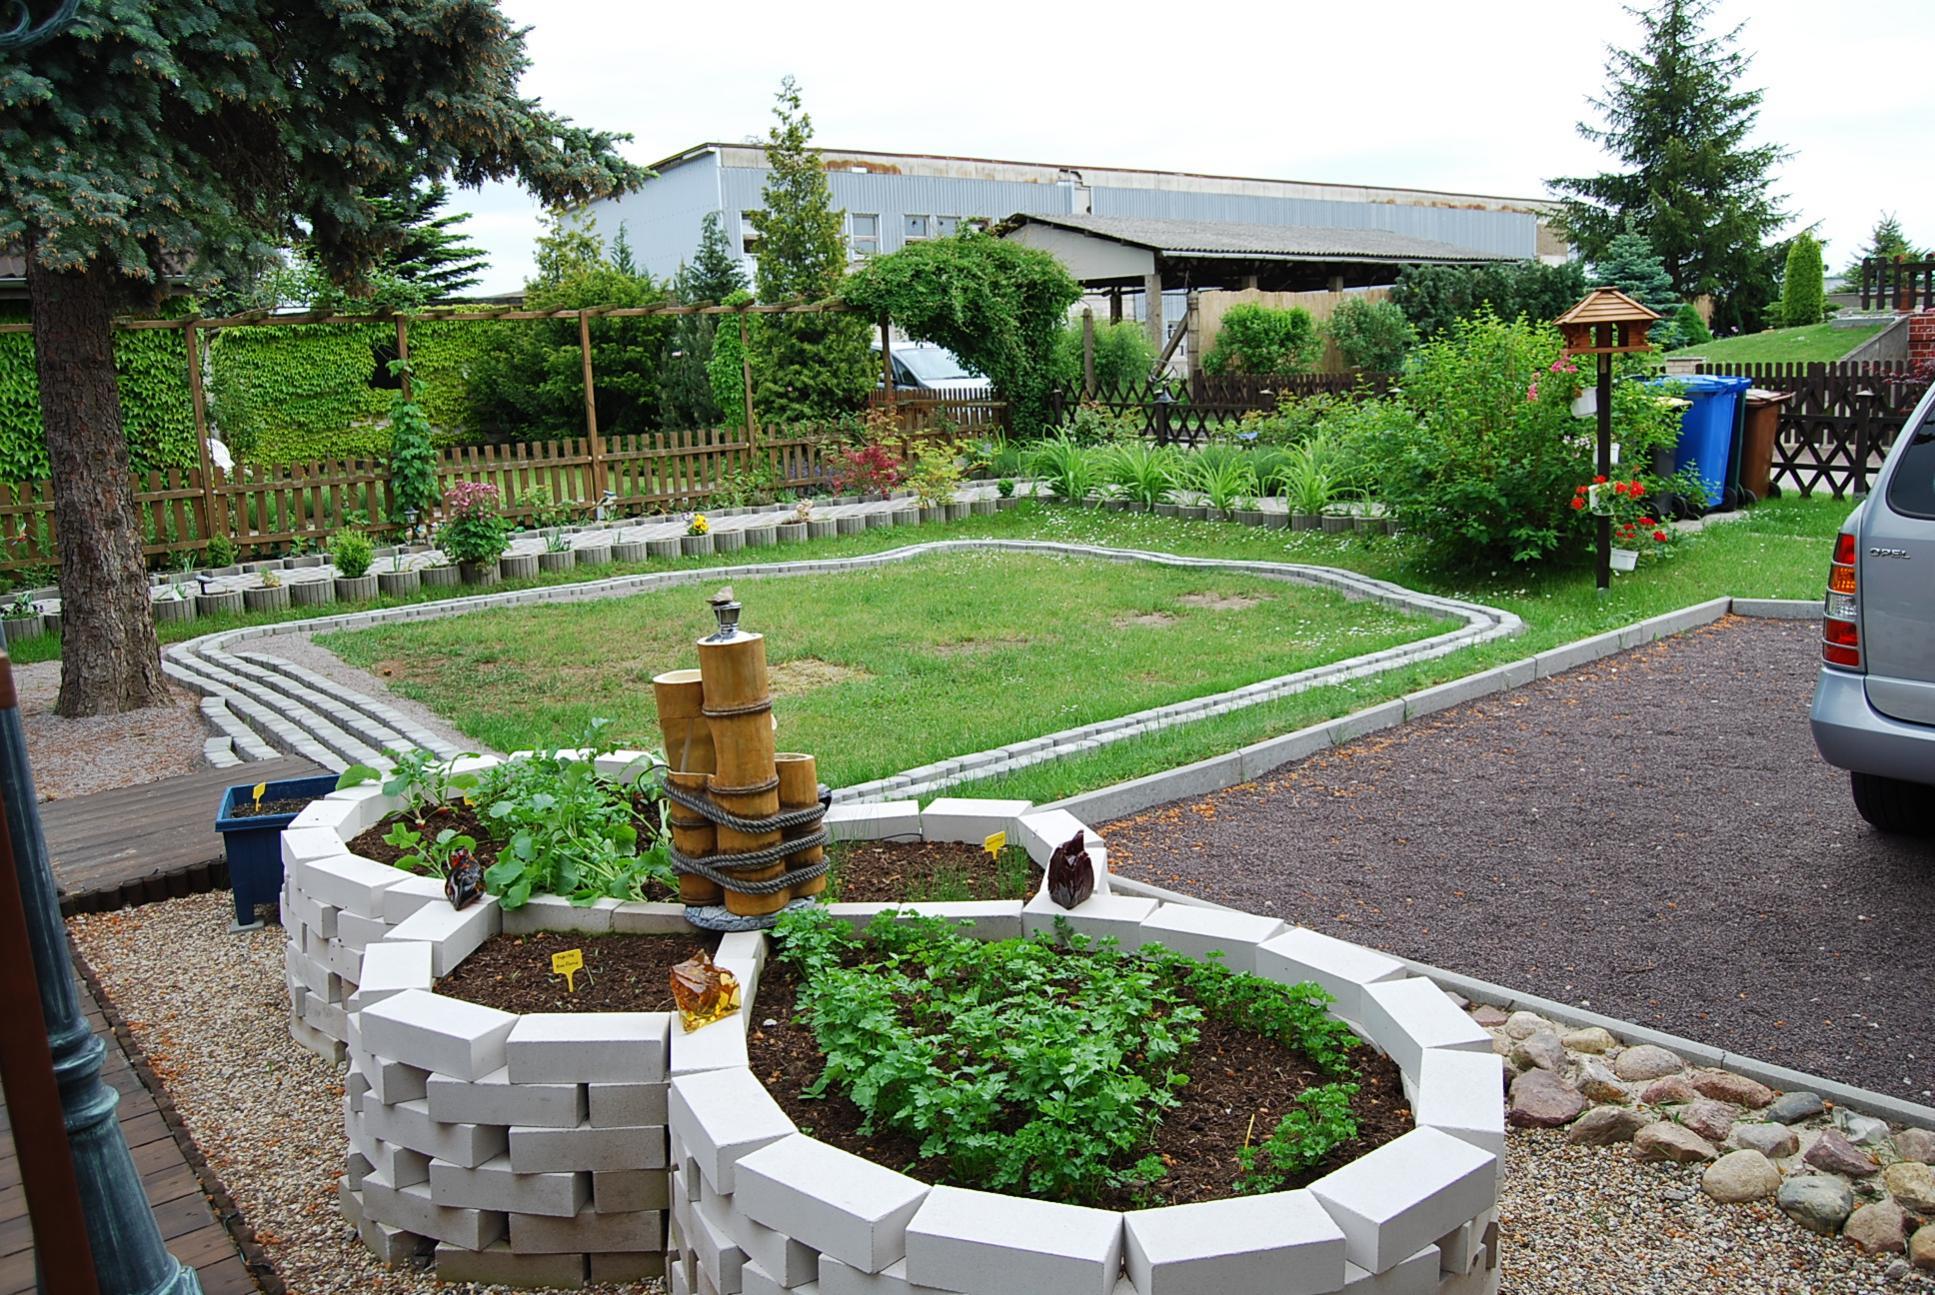 Gartengestaltung Ideen Mit Einfahrt Modern On Für Informalstar Zum Auch Schones 9